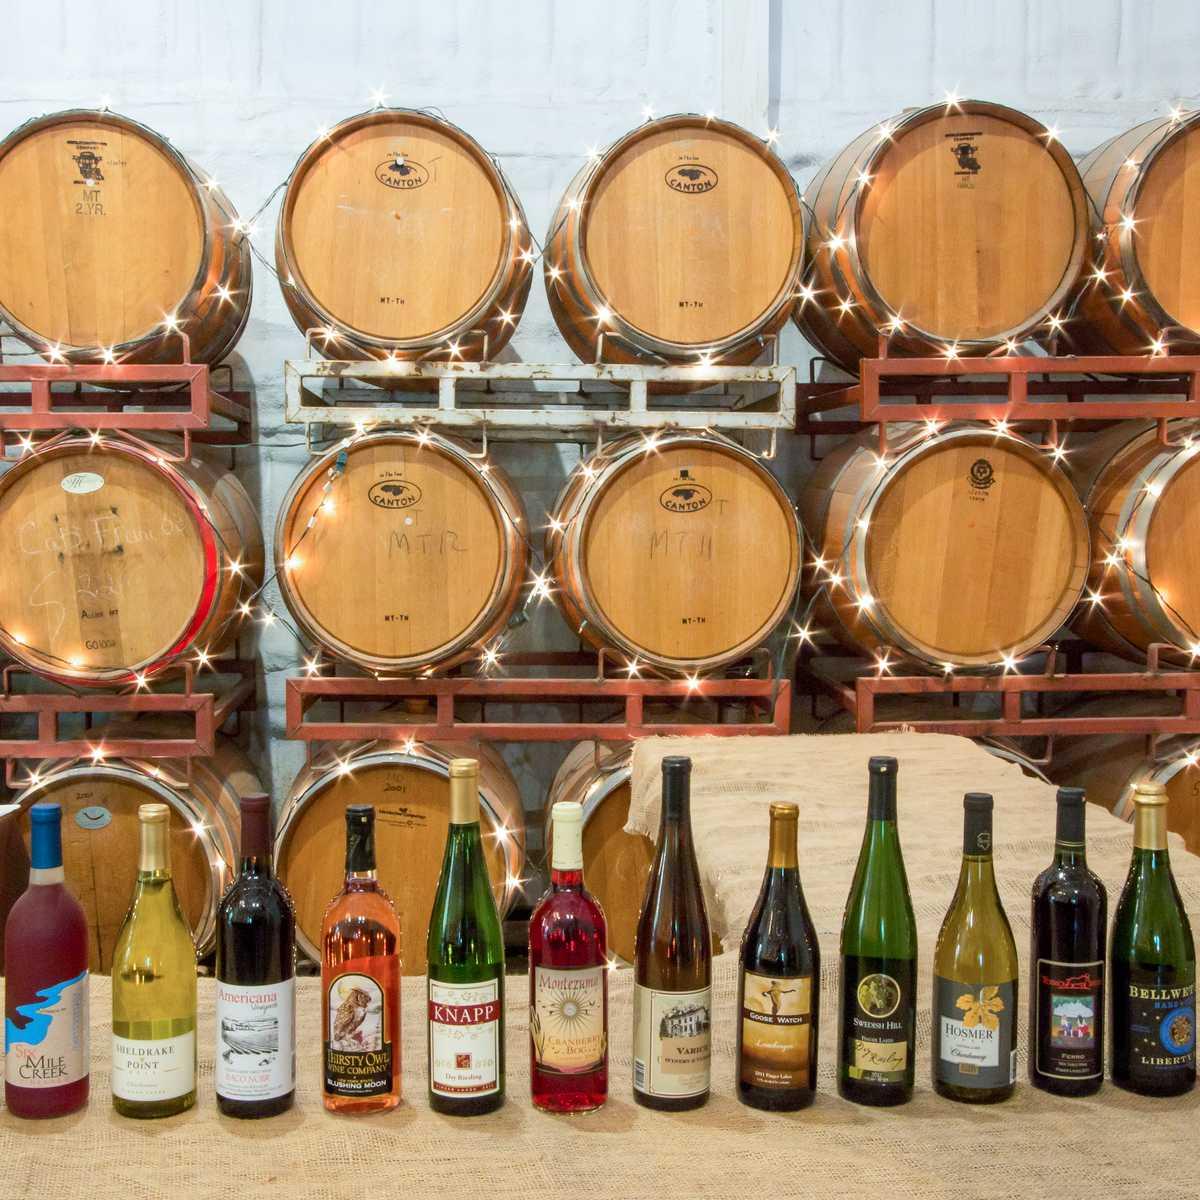 Die unterschiedlichsten Weine aus dem Finge Lakes Weinanbaugebiet im US Bundesstaat New York